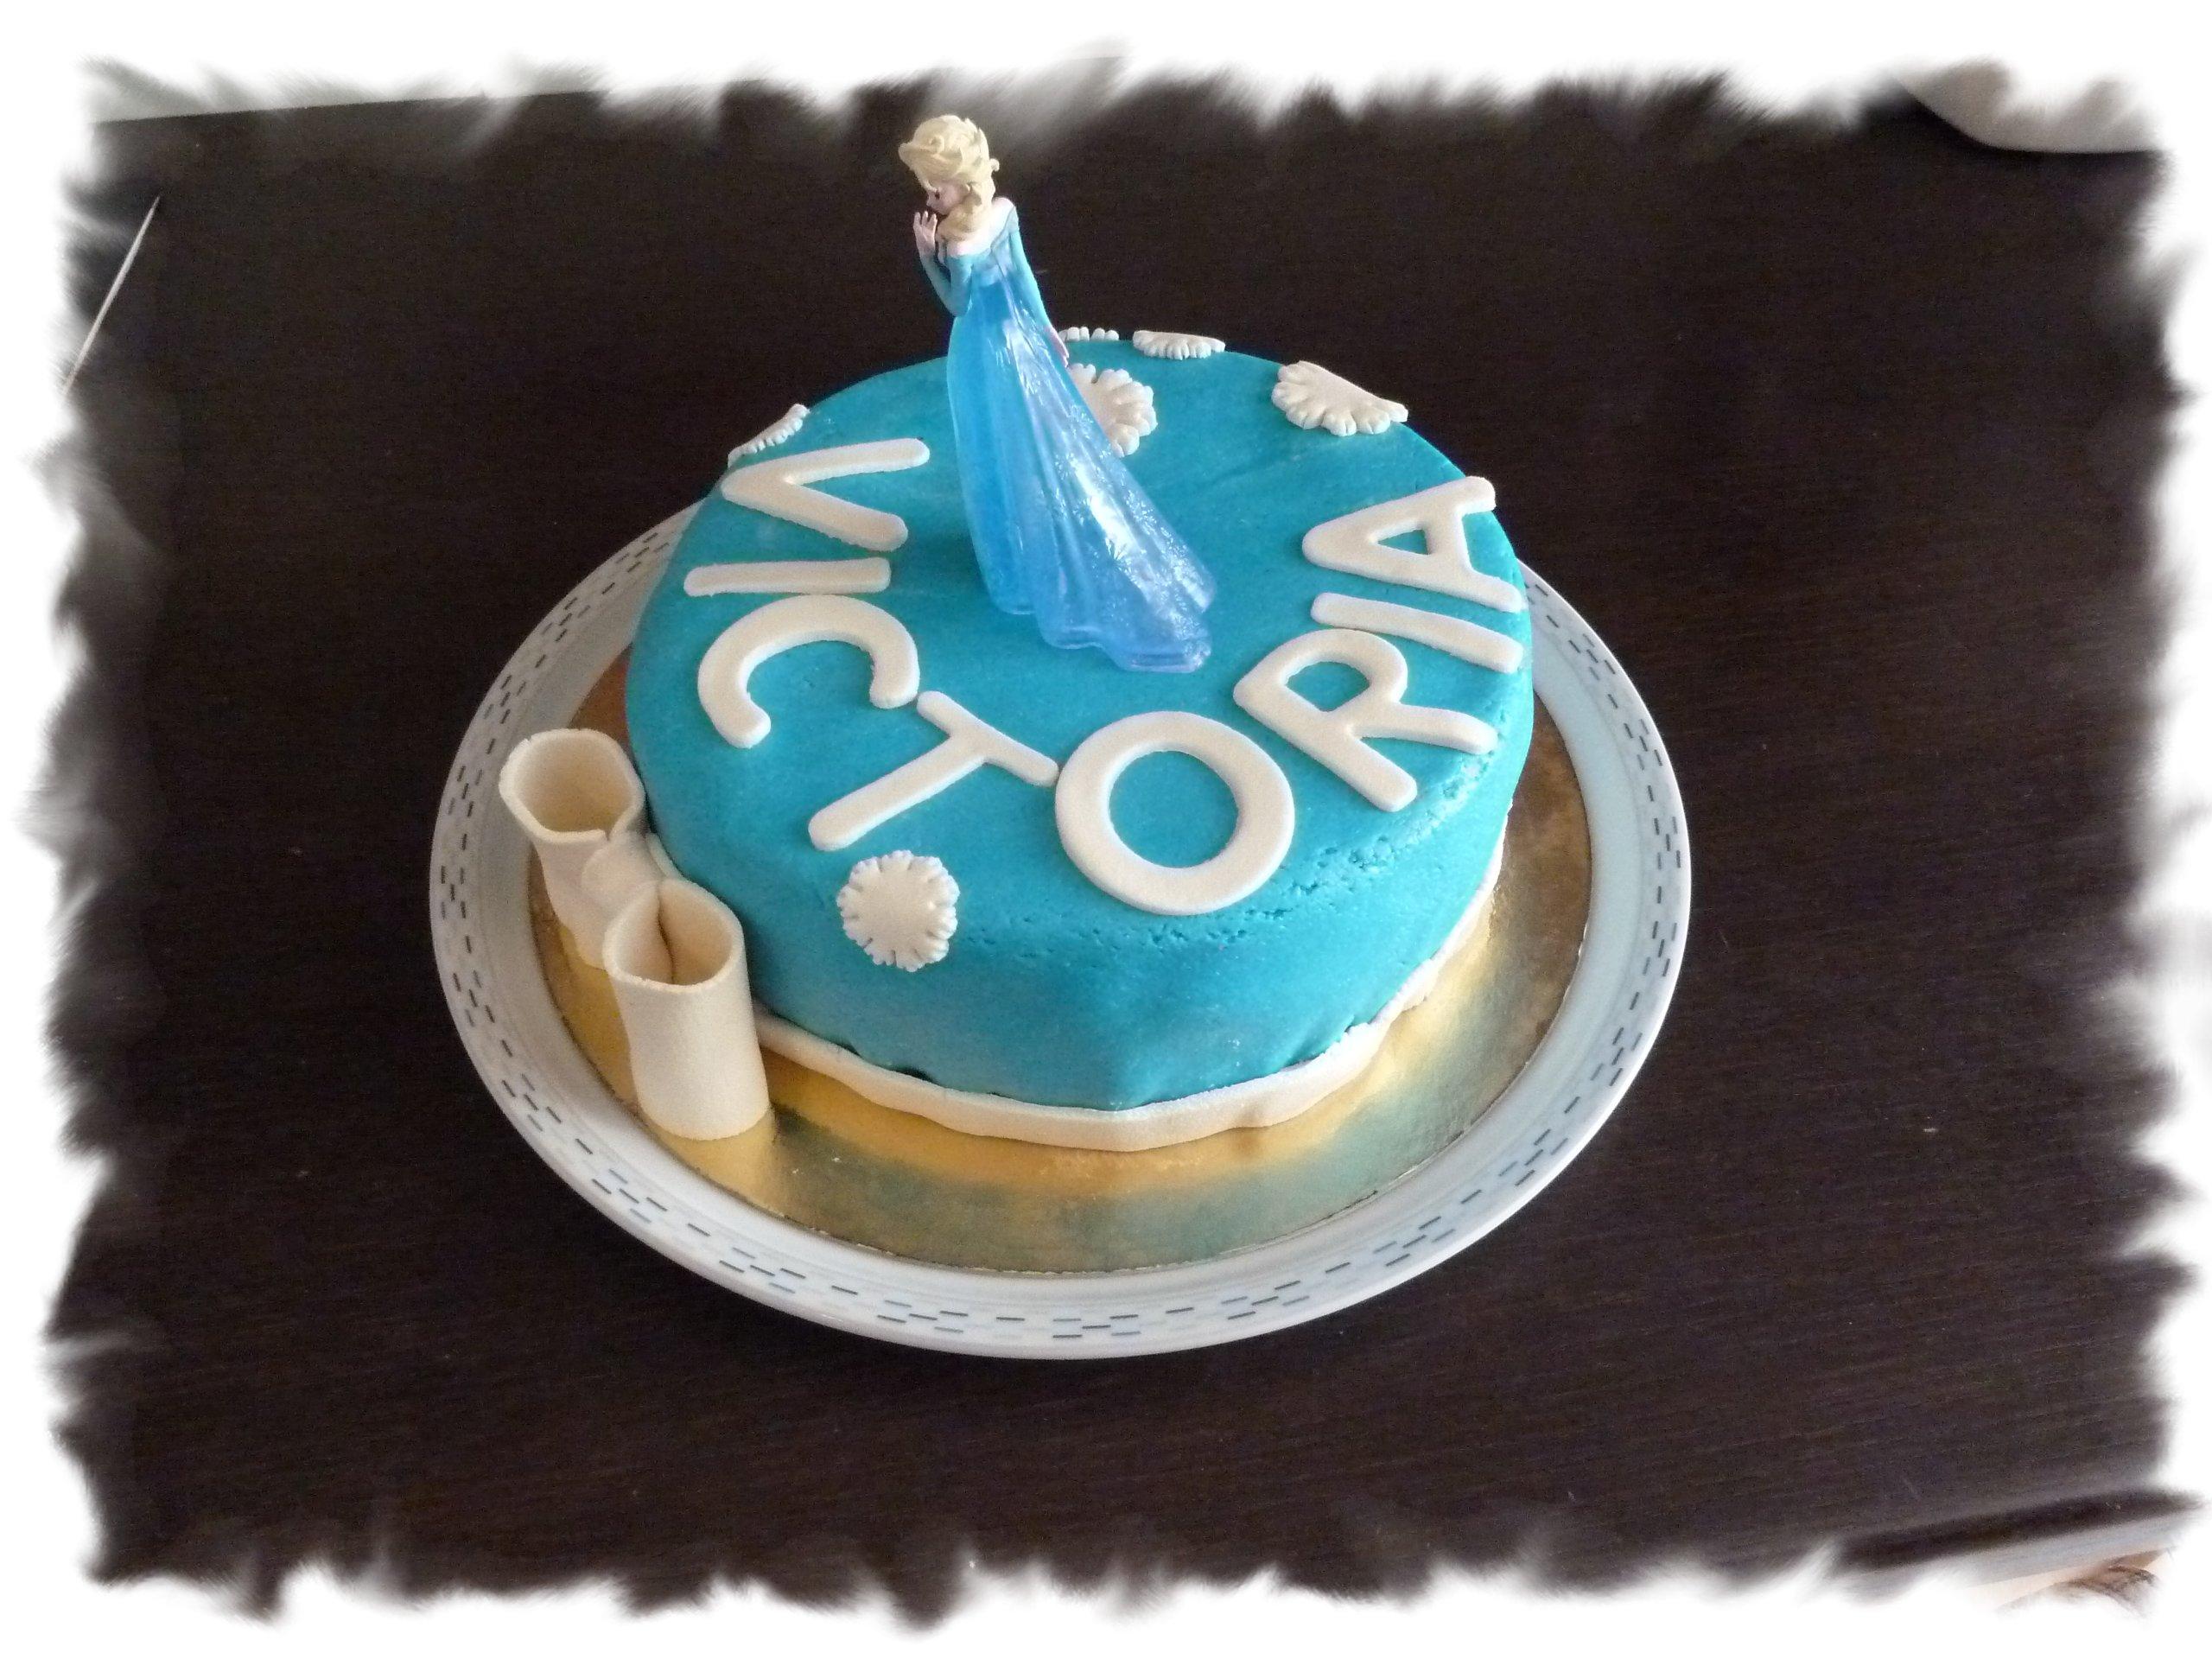 Cake Design Recette Base : Gateaux d anniversaire sur base molly cake   Mes p tites ...